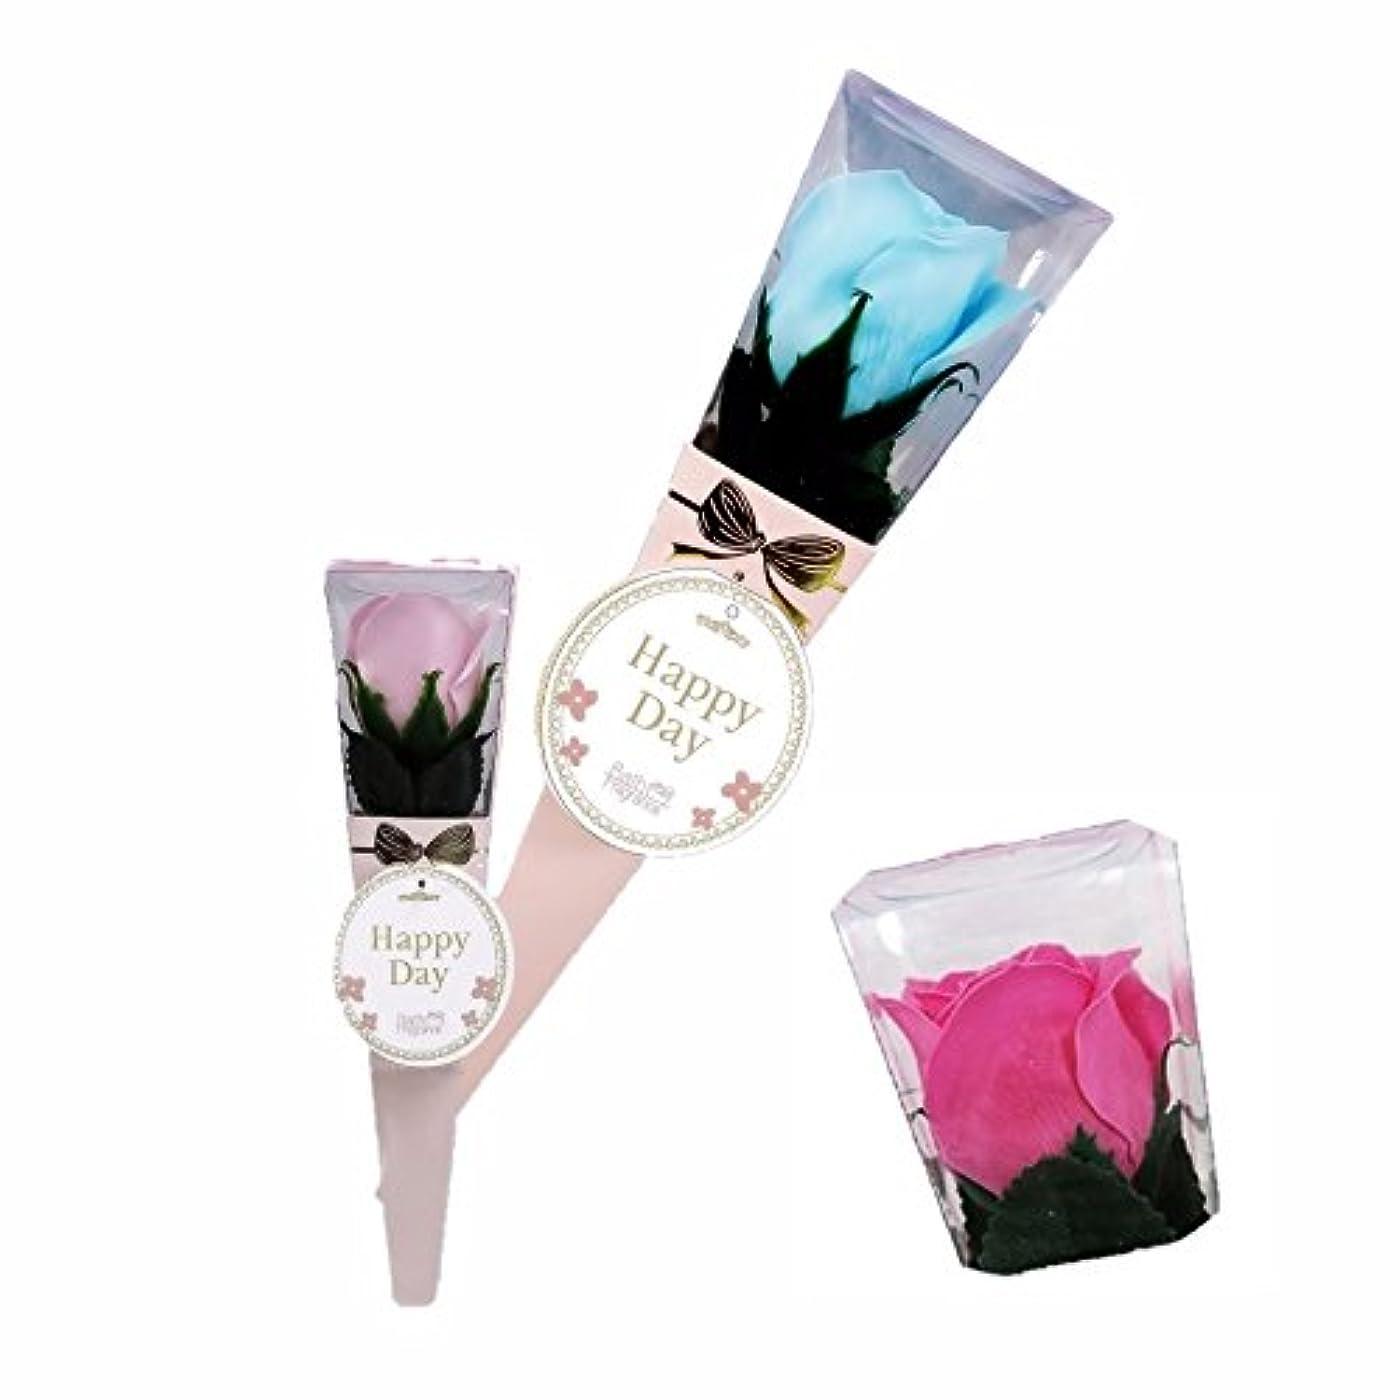 世界誇りインチバスフレグランス ミニローズブーケ ローズピンク バスフラワー ギフト お花の形の入浴剤